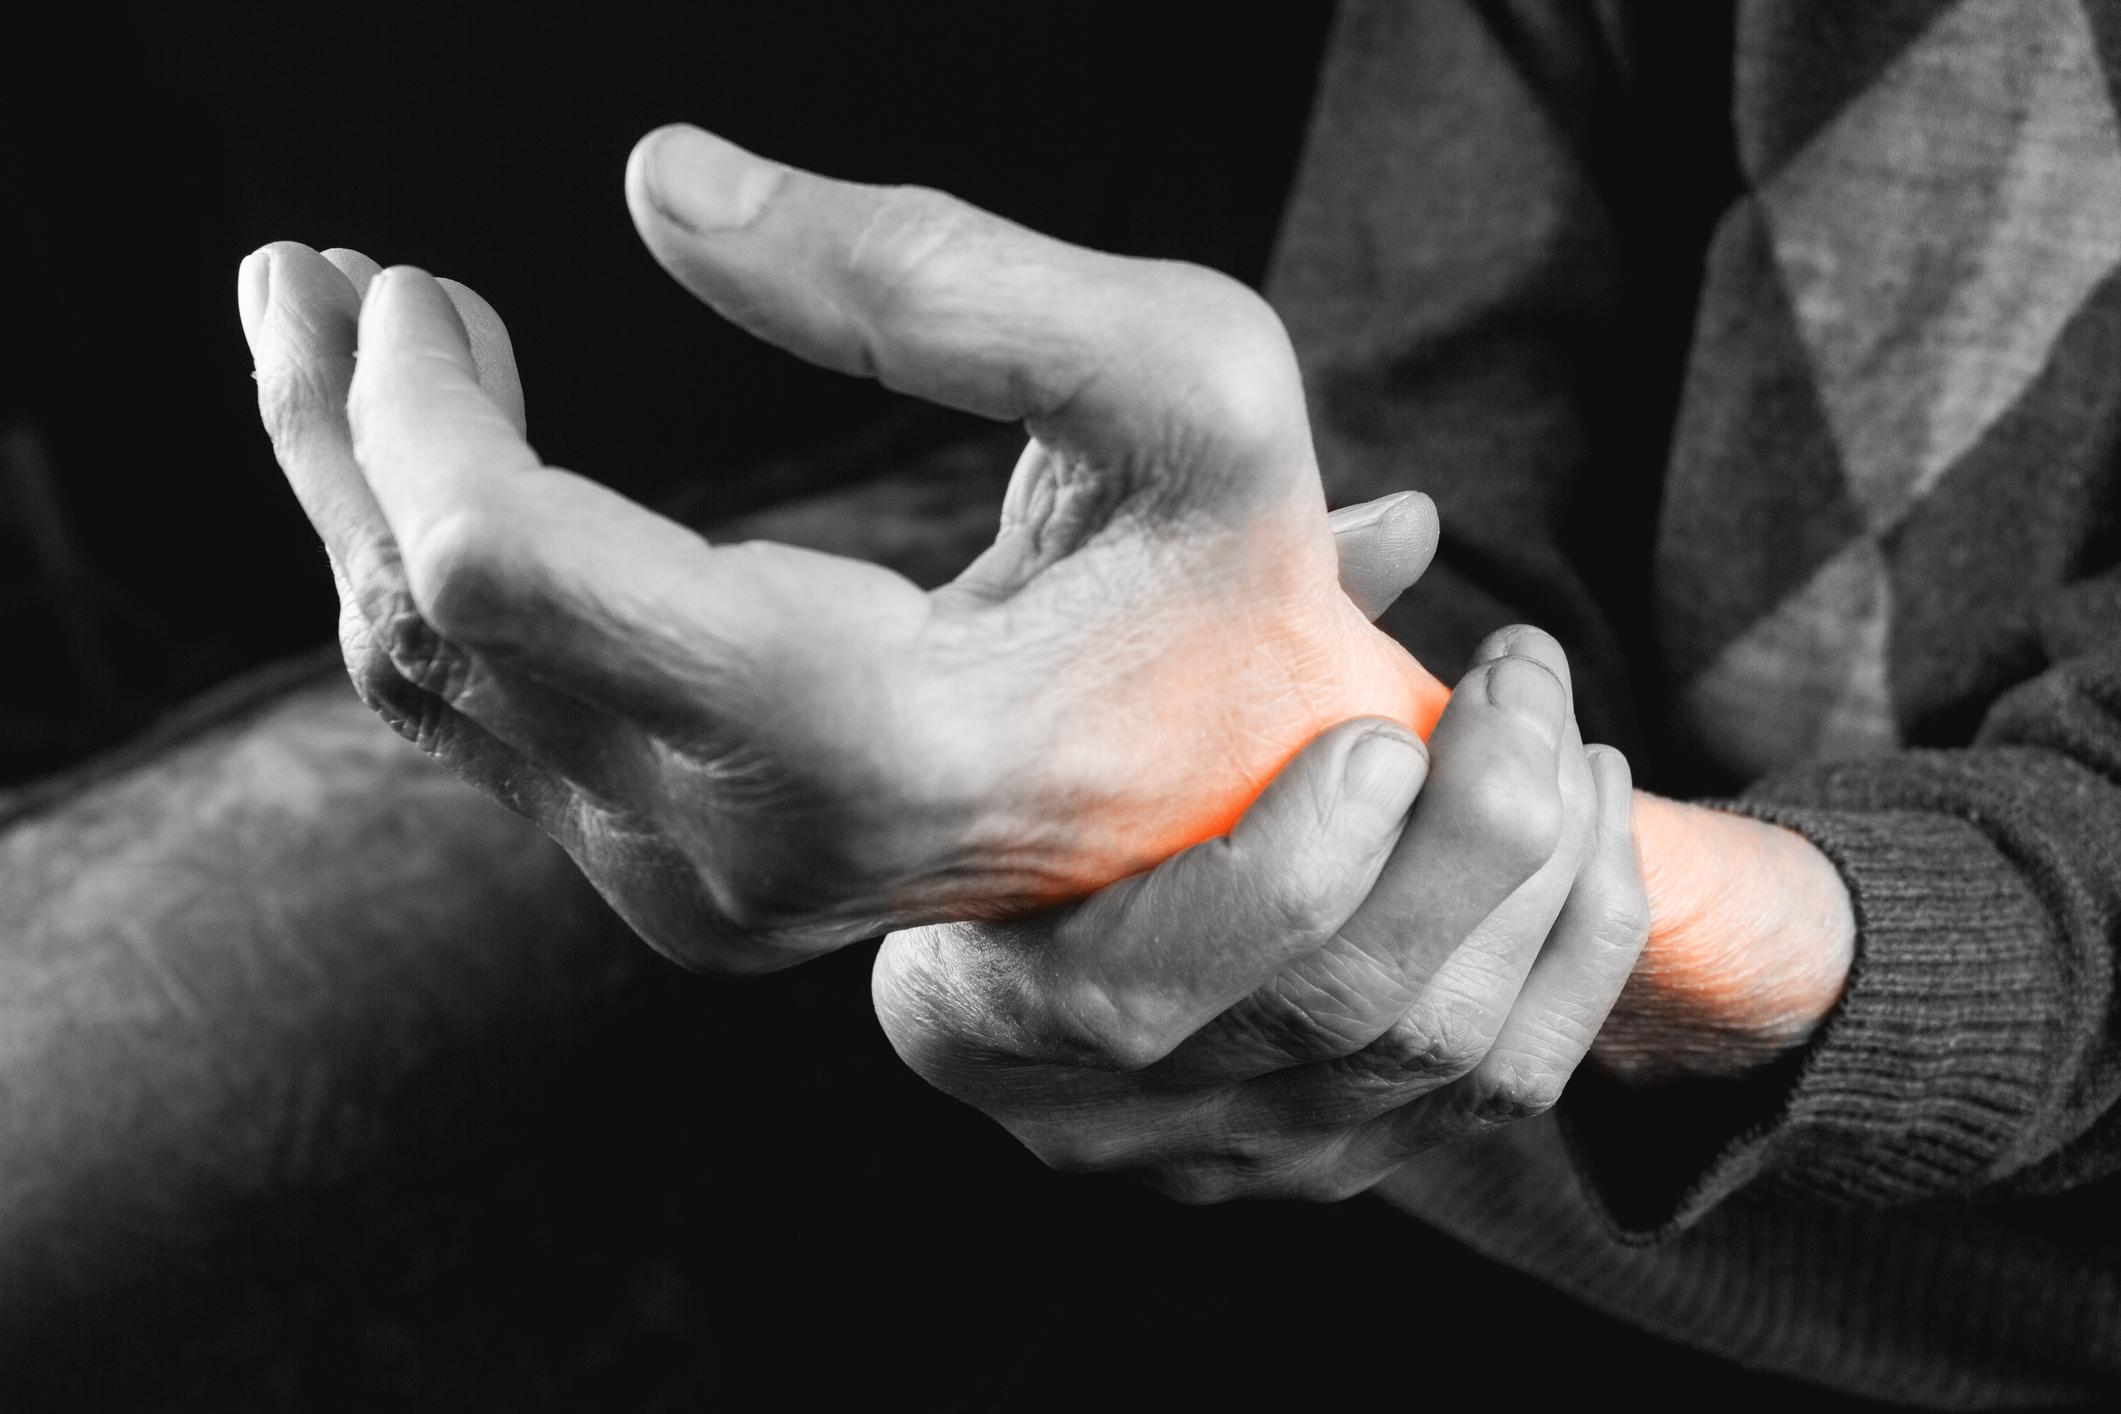 artroză tratament artrită la încheietura mâinii dă clic și rănește articulația periei